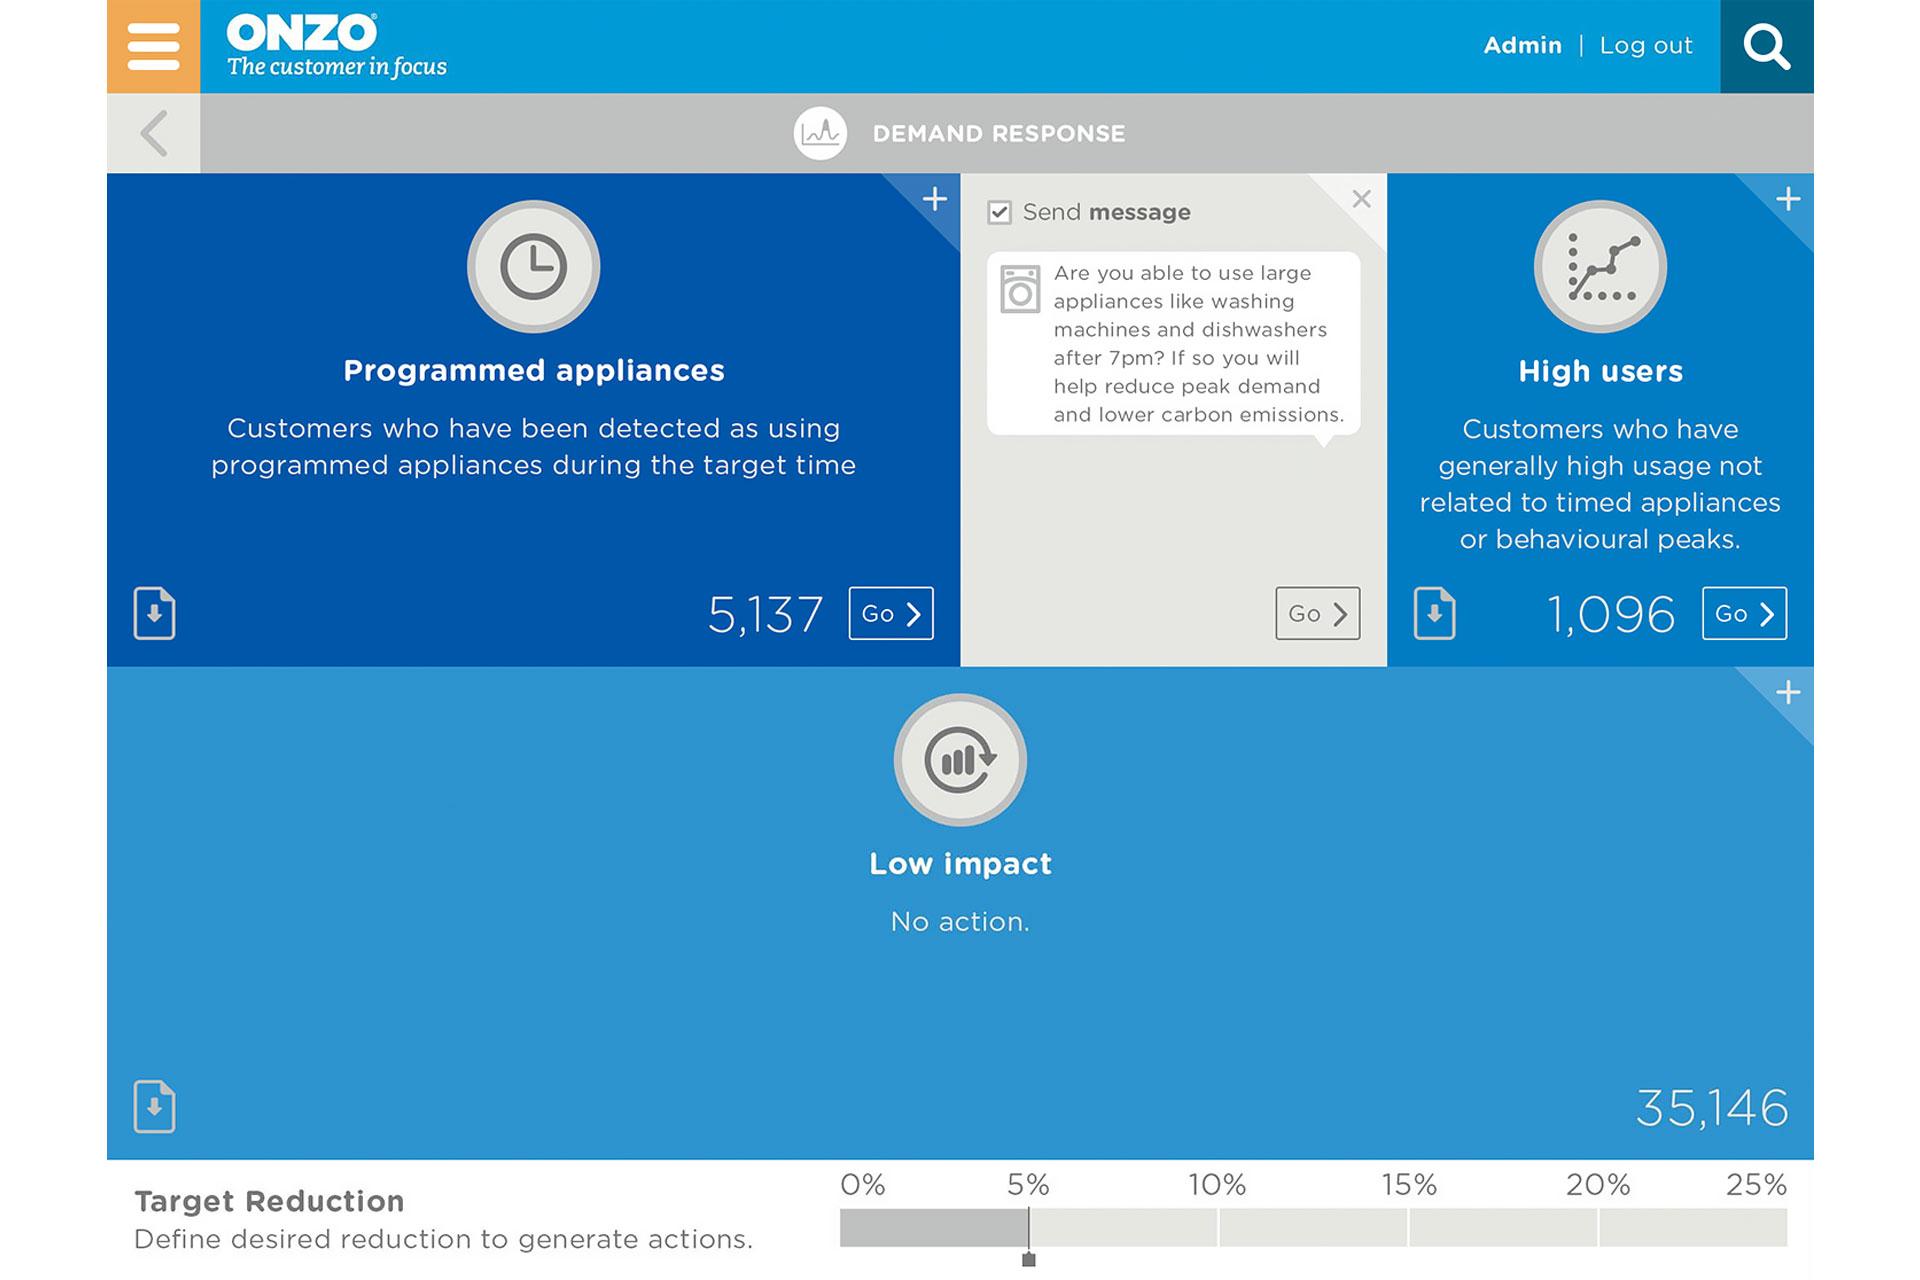 insights portal - demand response 2a